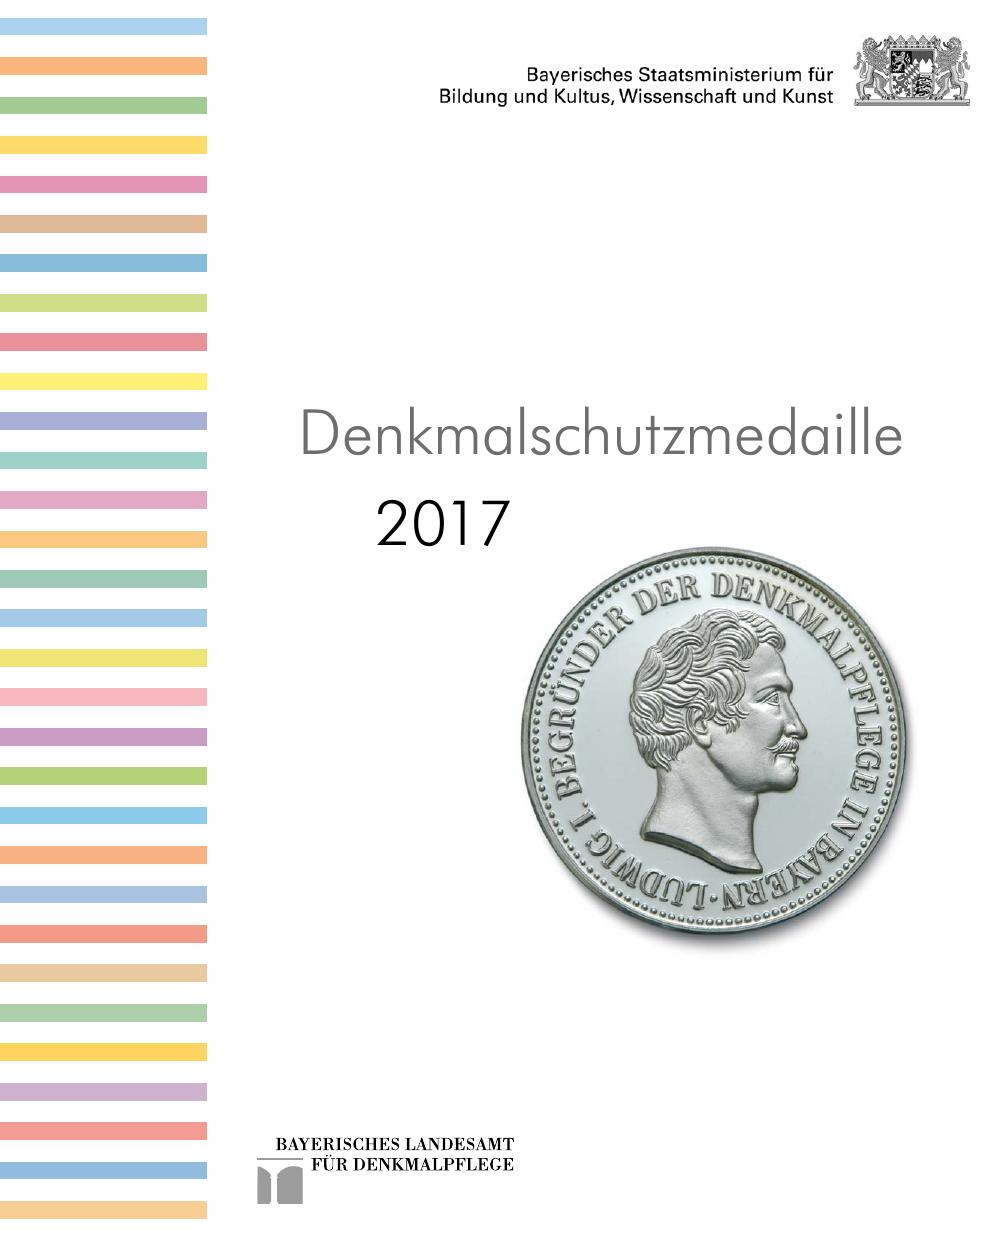 Denkmalschutzmedaille 2017 - Bayerisches Landesamt für